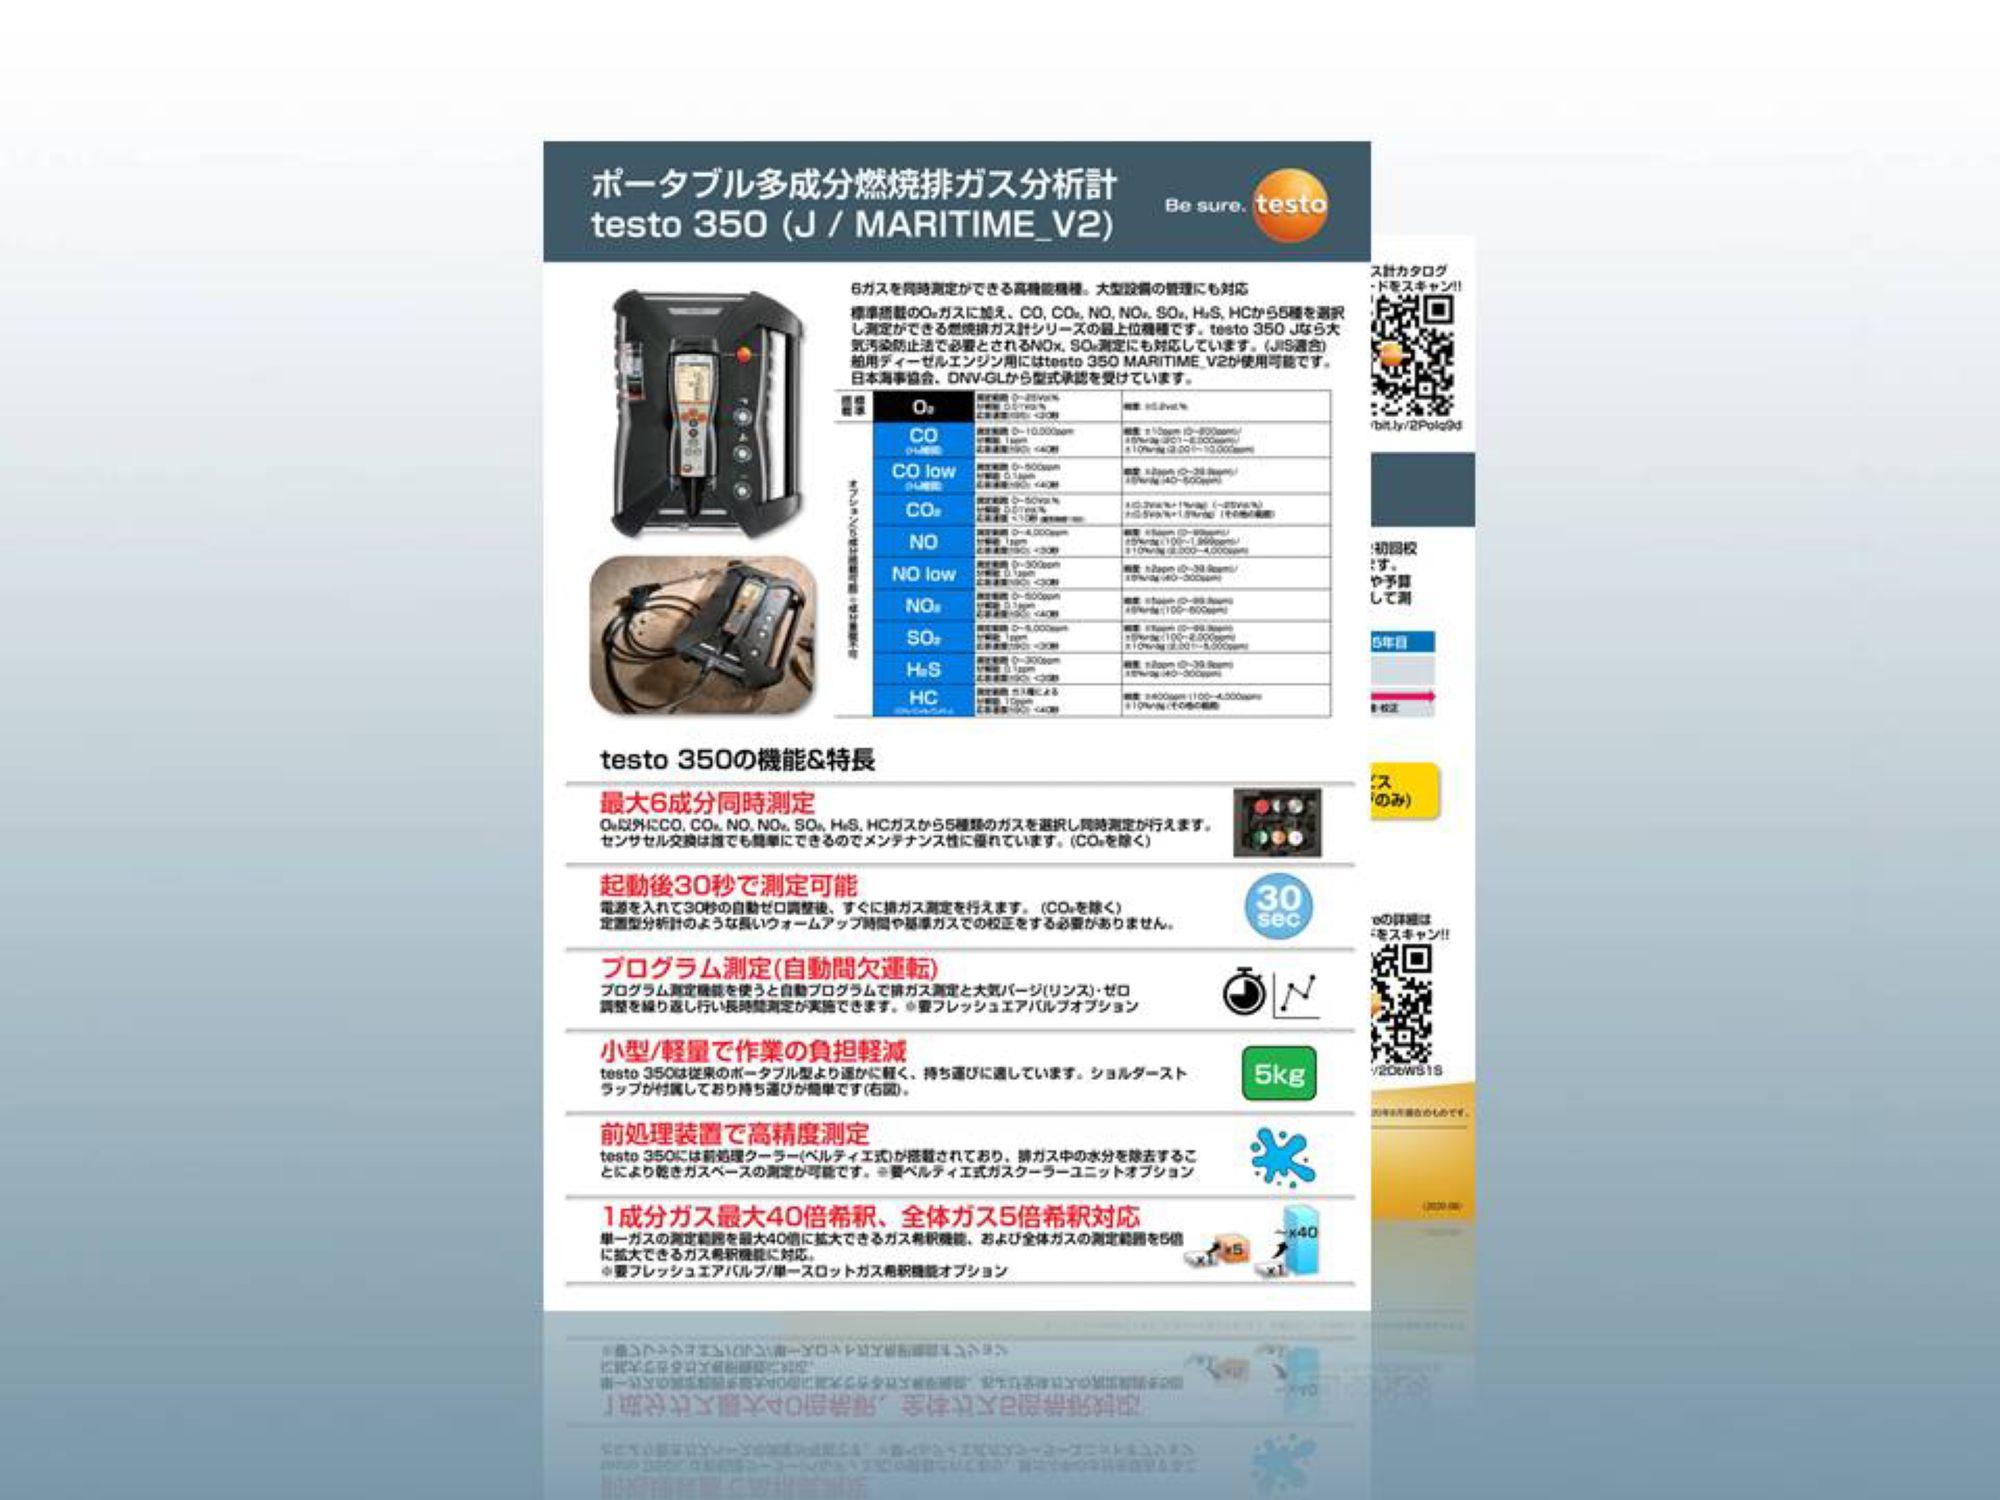 jp_TestoCare+testo350_thumbnail.png